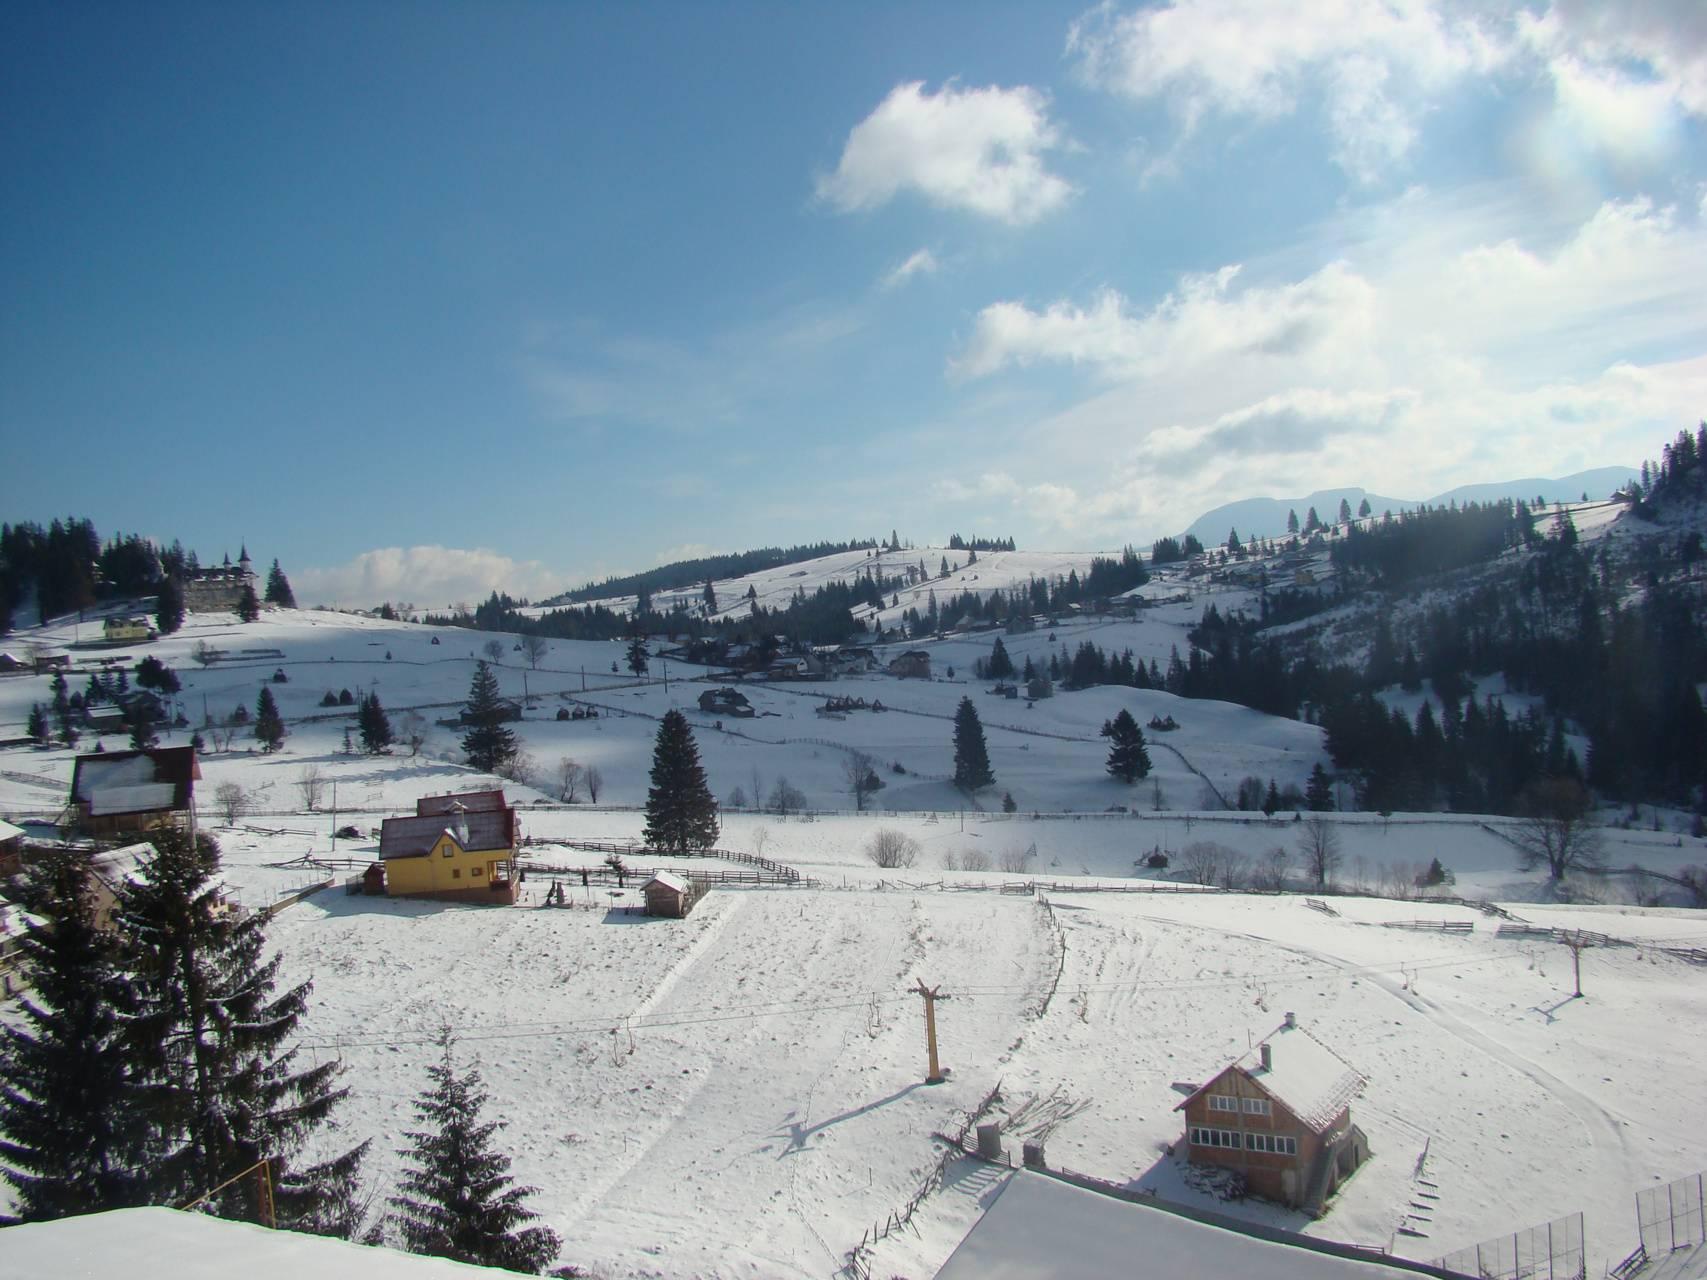 iarnainromania